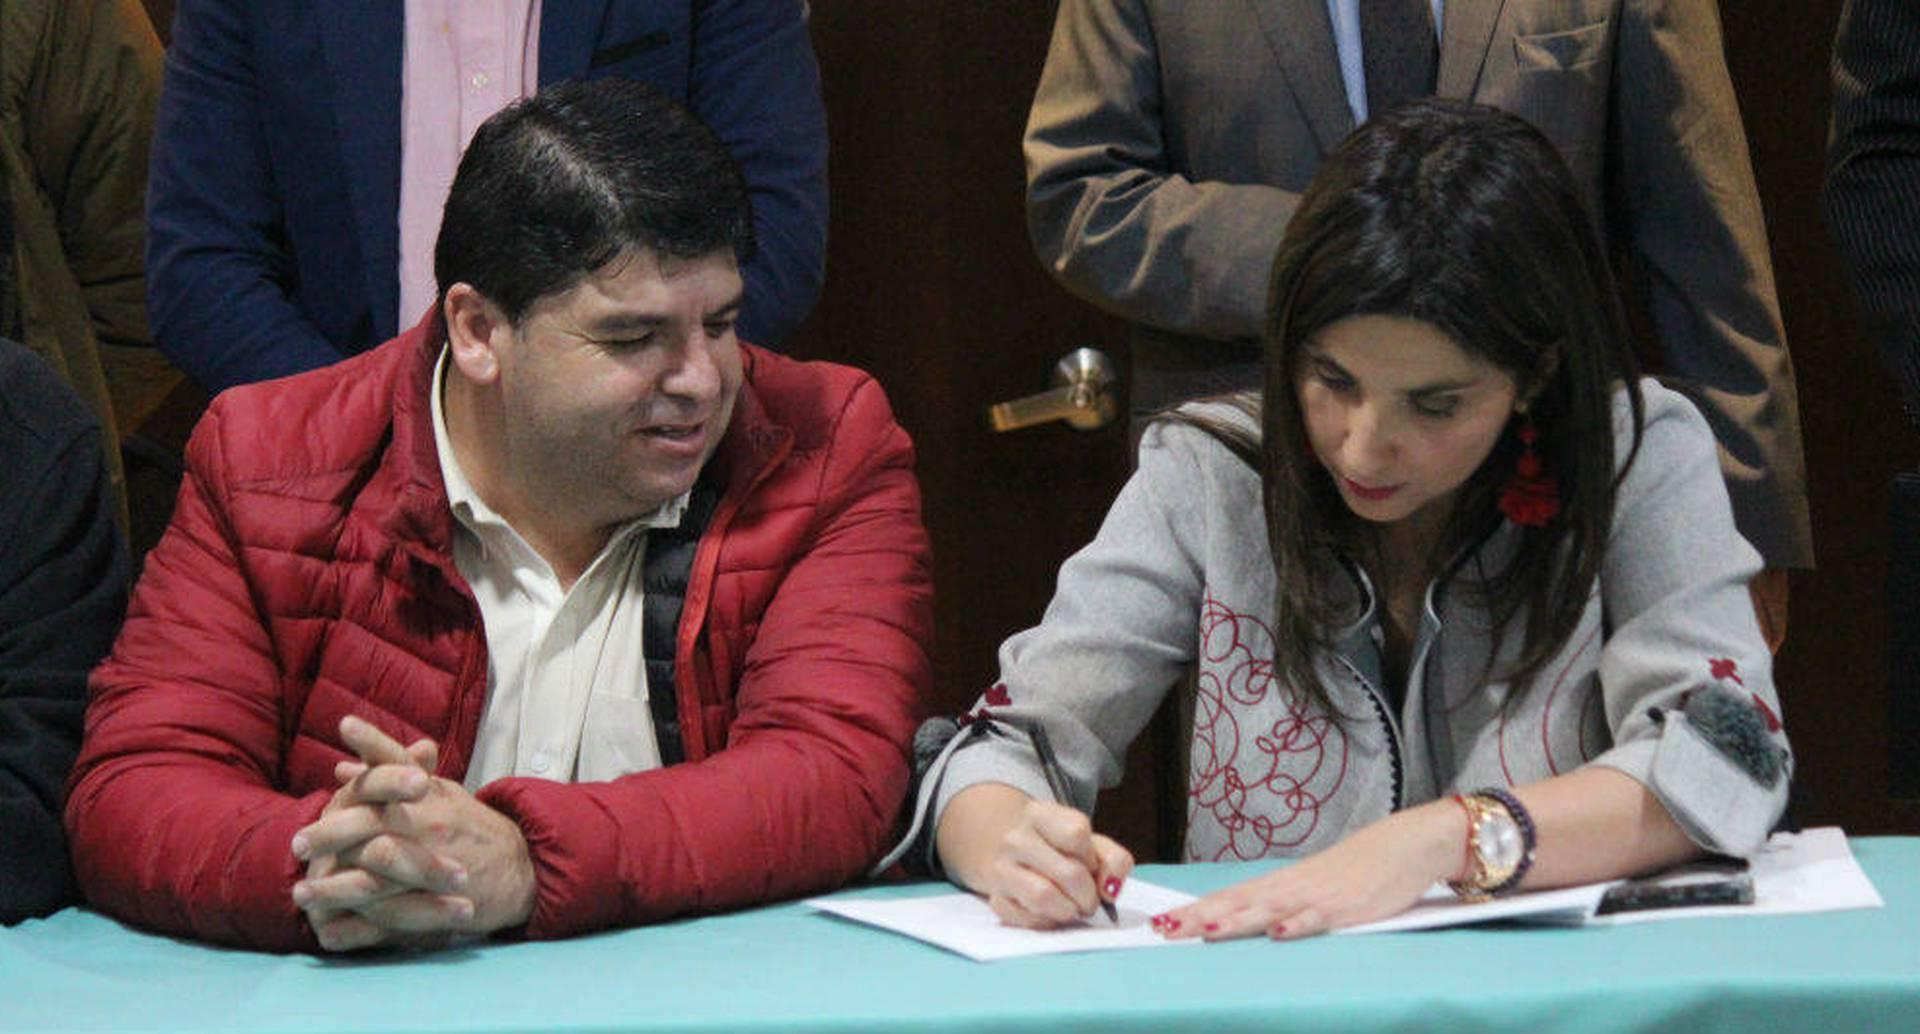 Nelson Alarcón, presidente de Fecode, y María Victoria Angulo, ministra de Educación, firmaron el acuerdo este jueves 16 de mayo